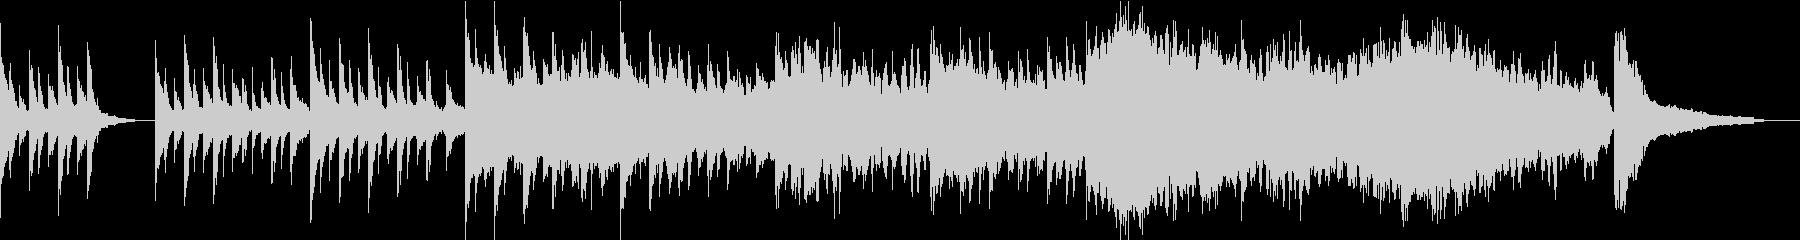 感動・透明感の映像 CMなどに/ピアノの未再生の波形